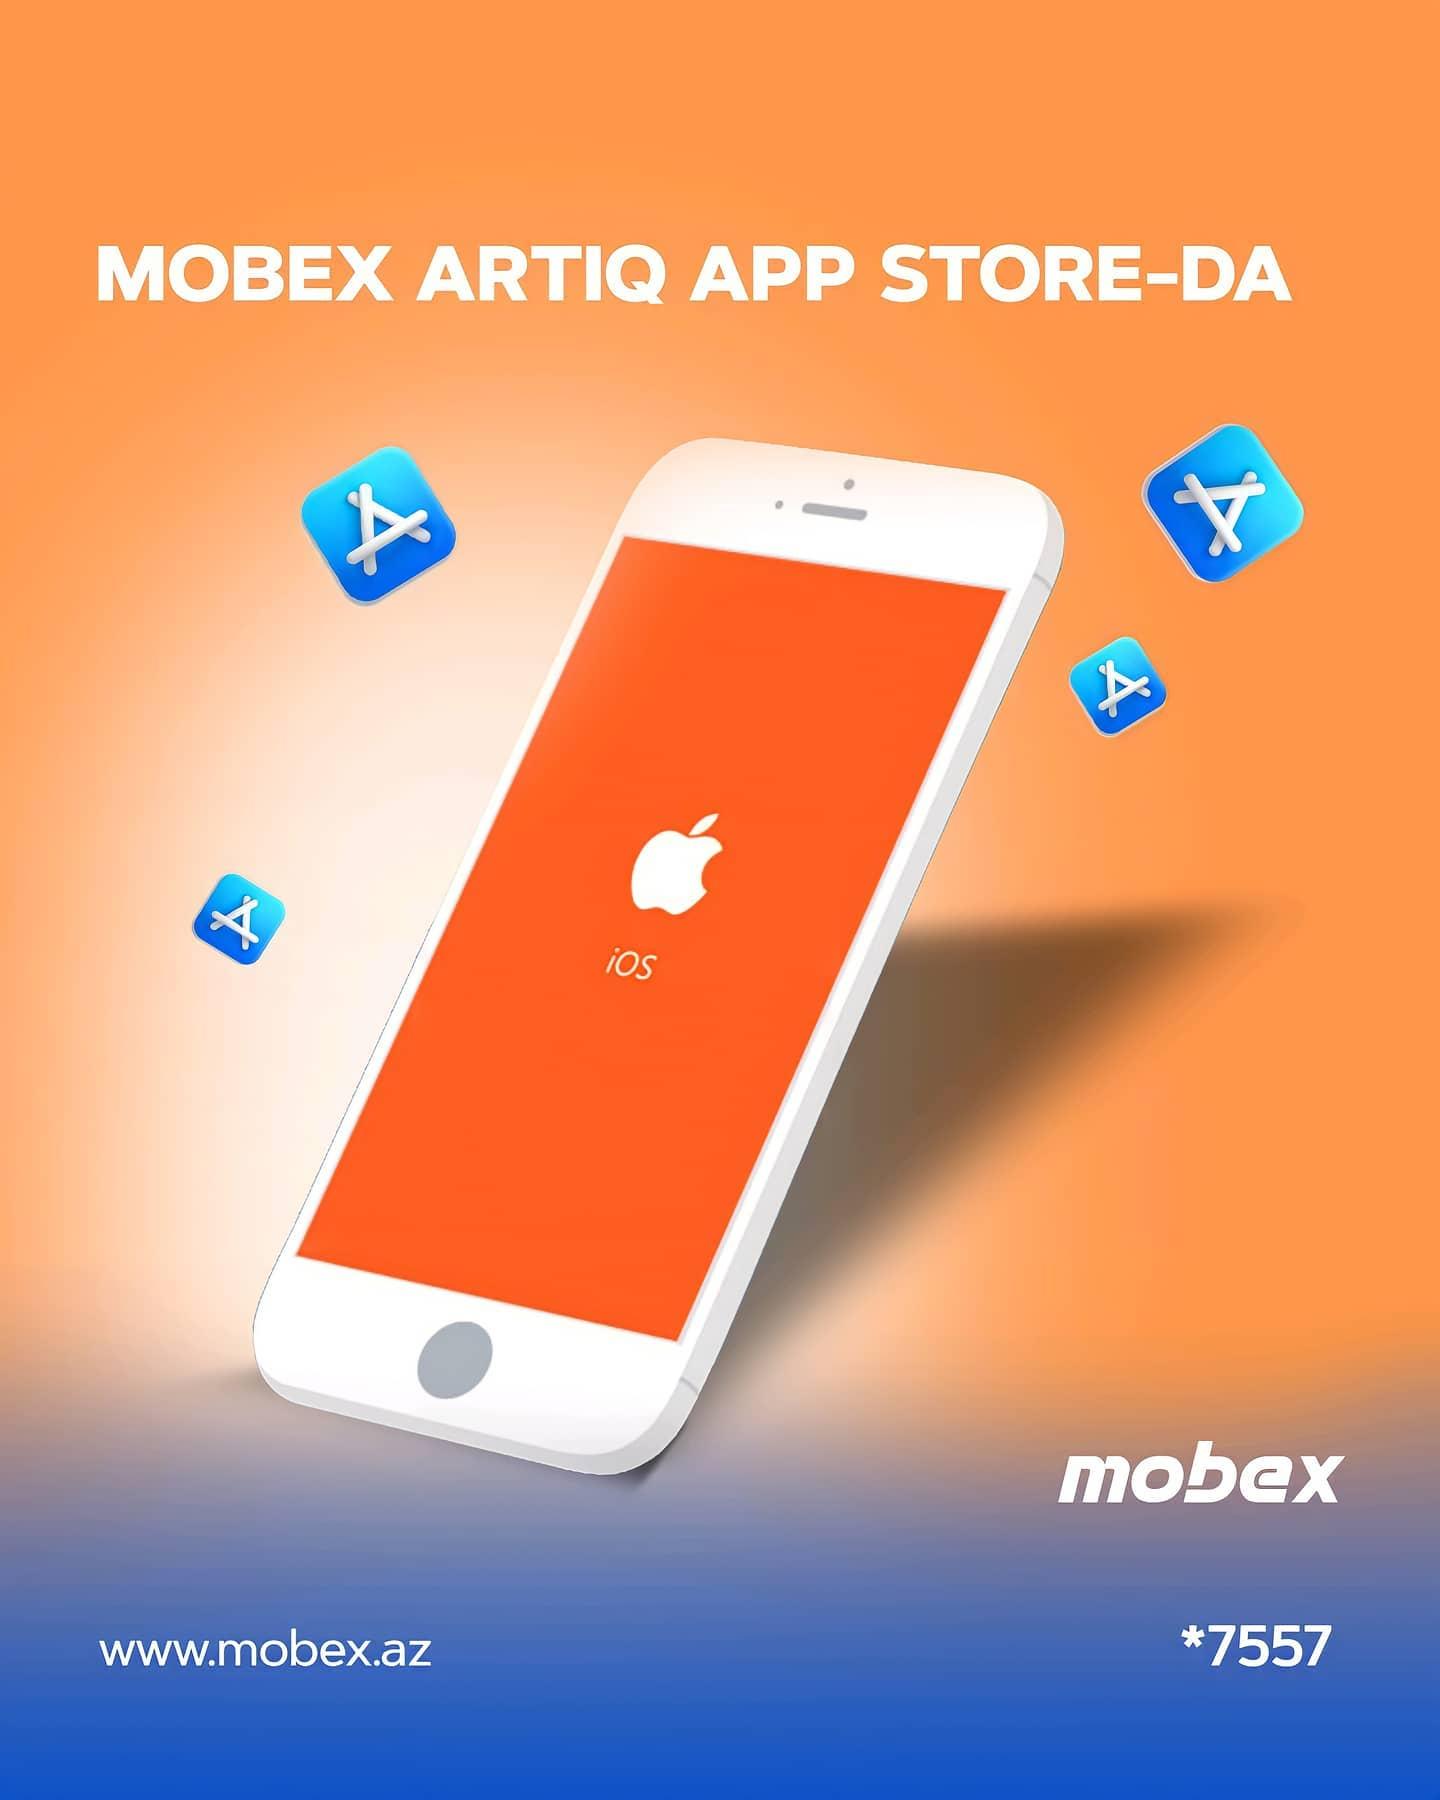 MOBEX ARTIQ APP STORE-DA